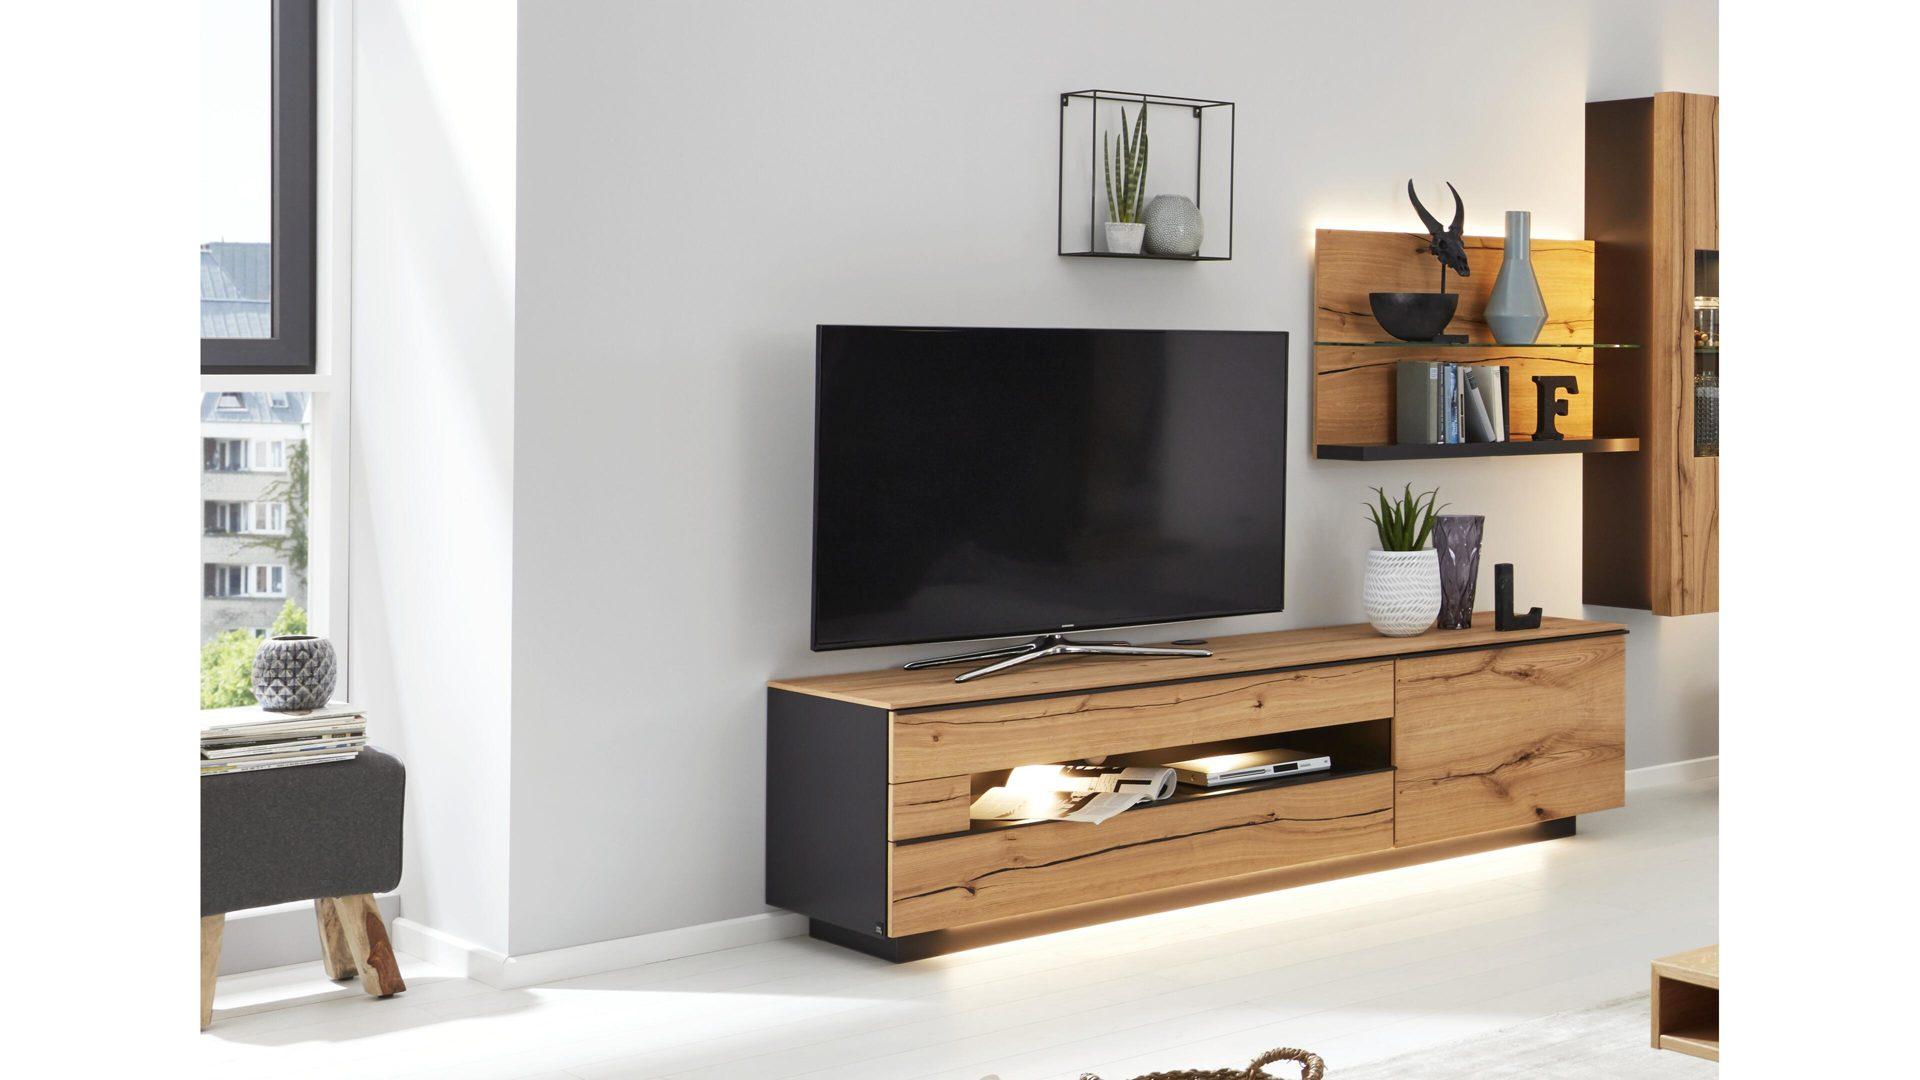 Interliving Wohnzimmer Serie 2103 – Lowboard 560801, schieferschwarzer Lack  & Asteiche - eine Tür, zwei Schubladen, mit Socke